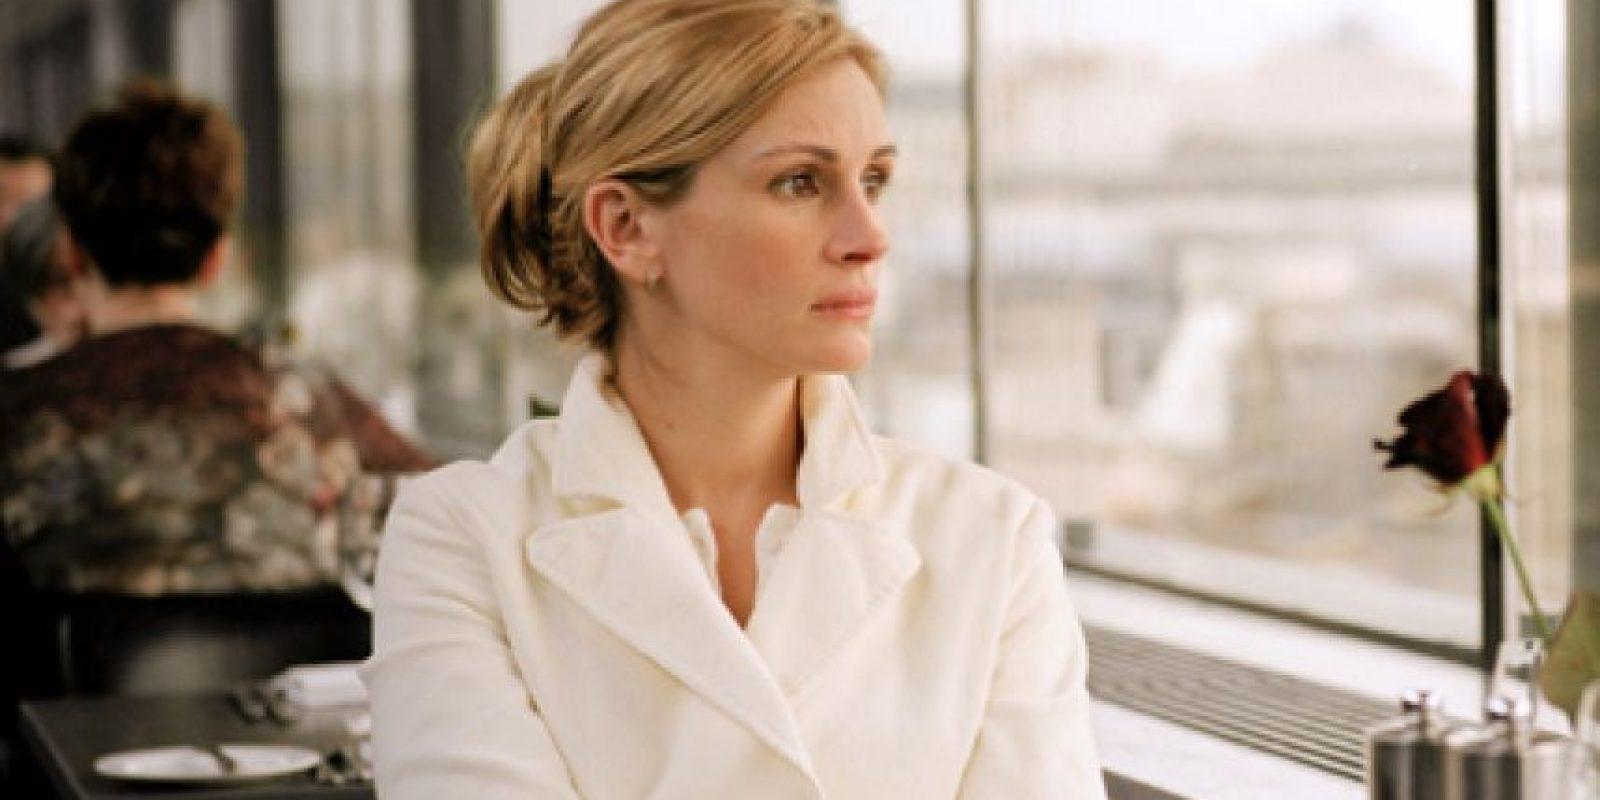 La actriz tenía 37 años Foto:Sony Pictures Entertainment